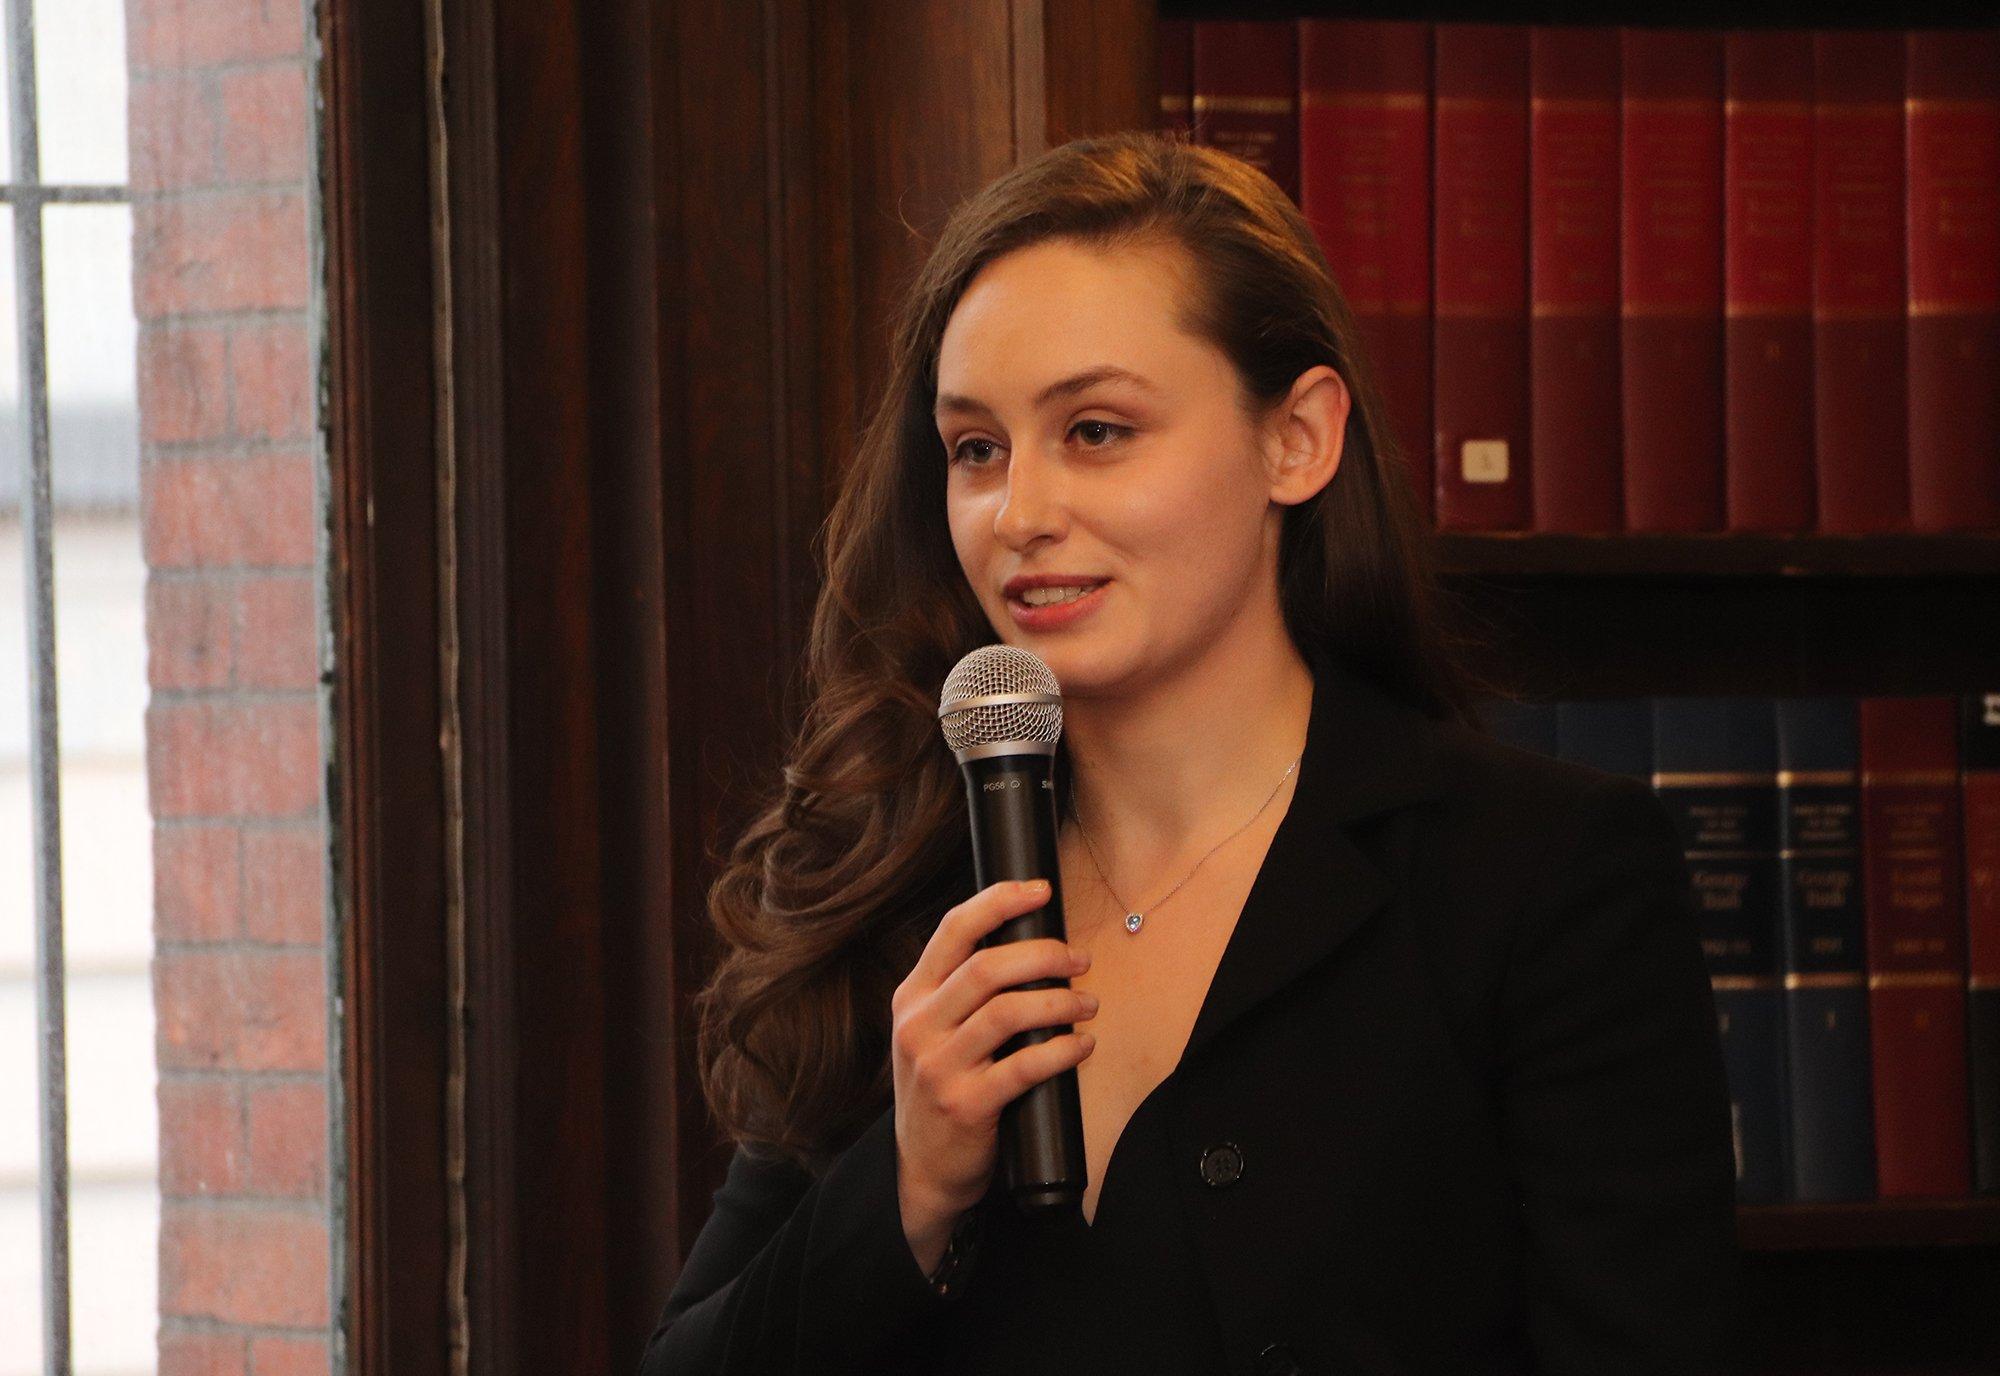 Patricia Schouker